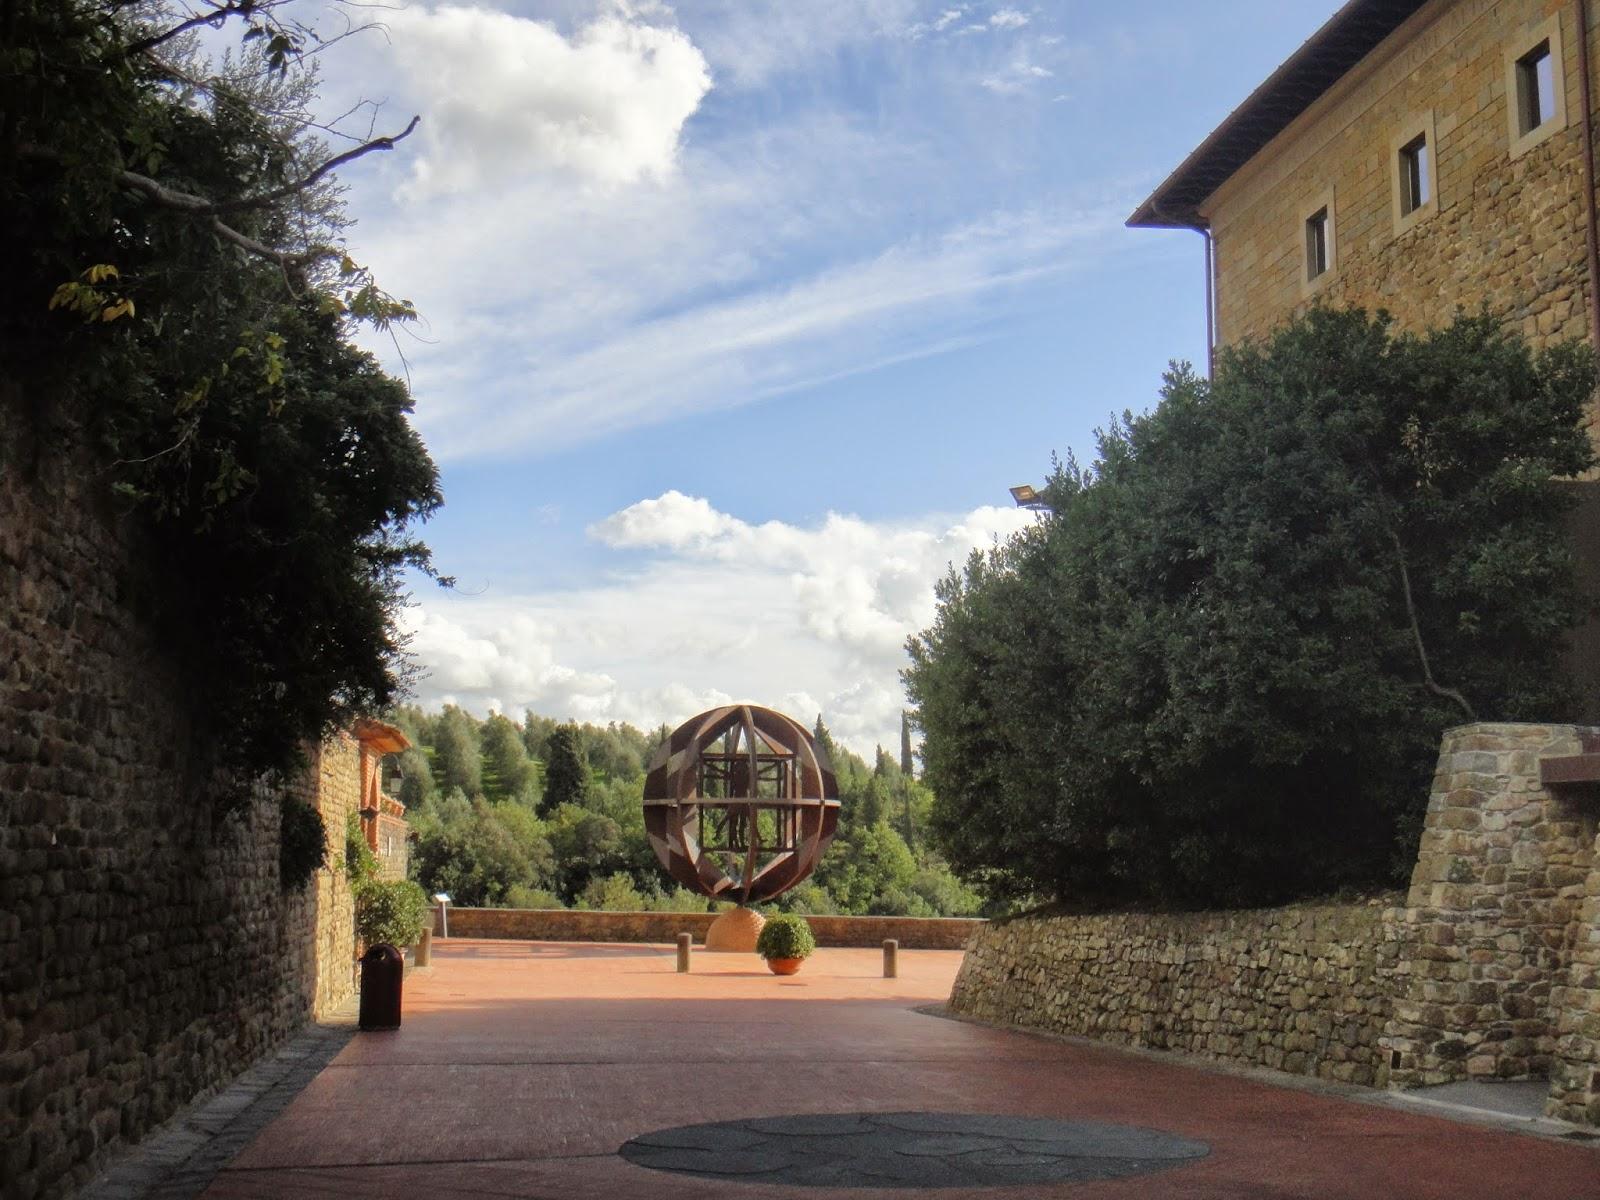 pátio do museu leonardiano em Vinci